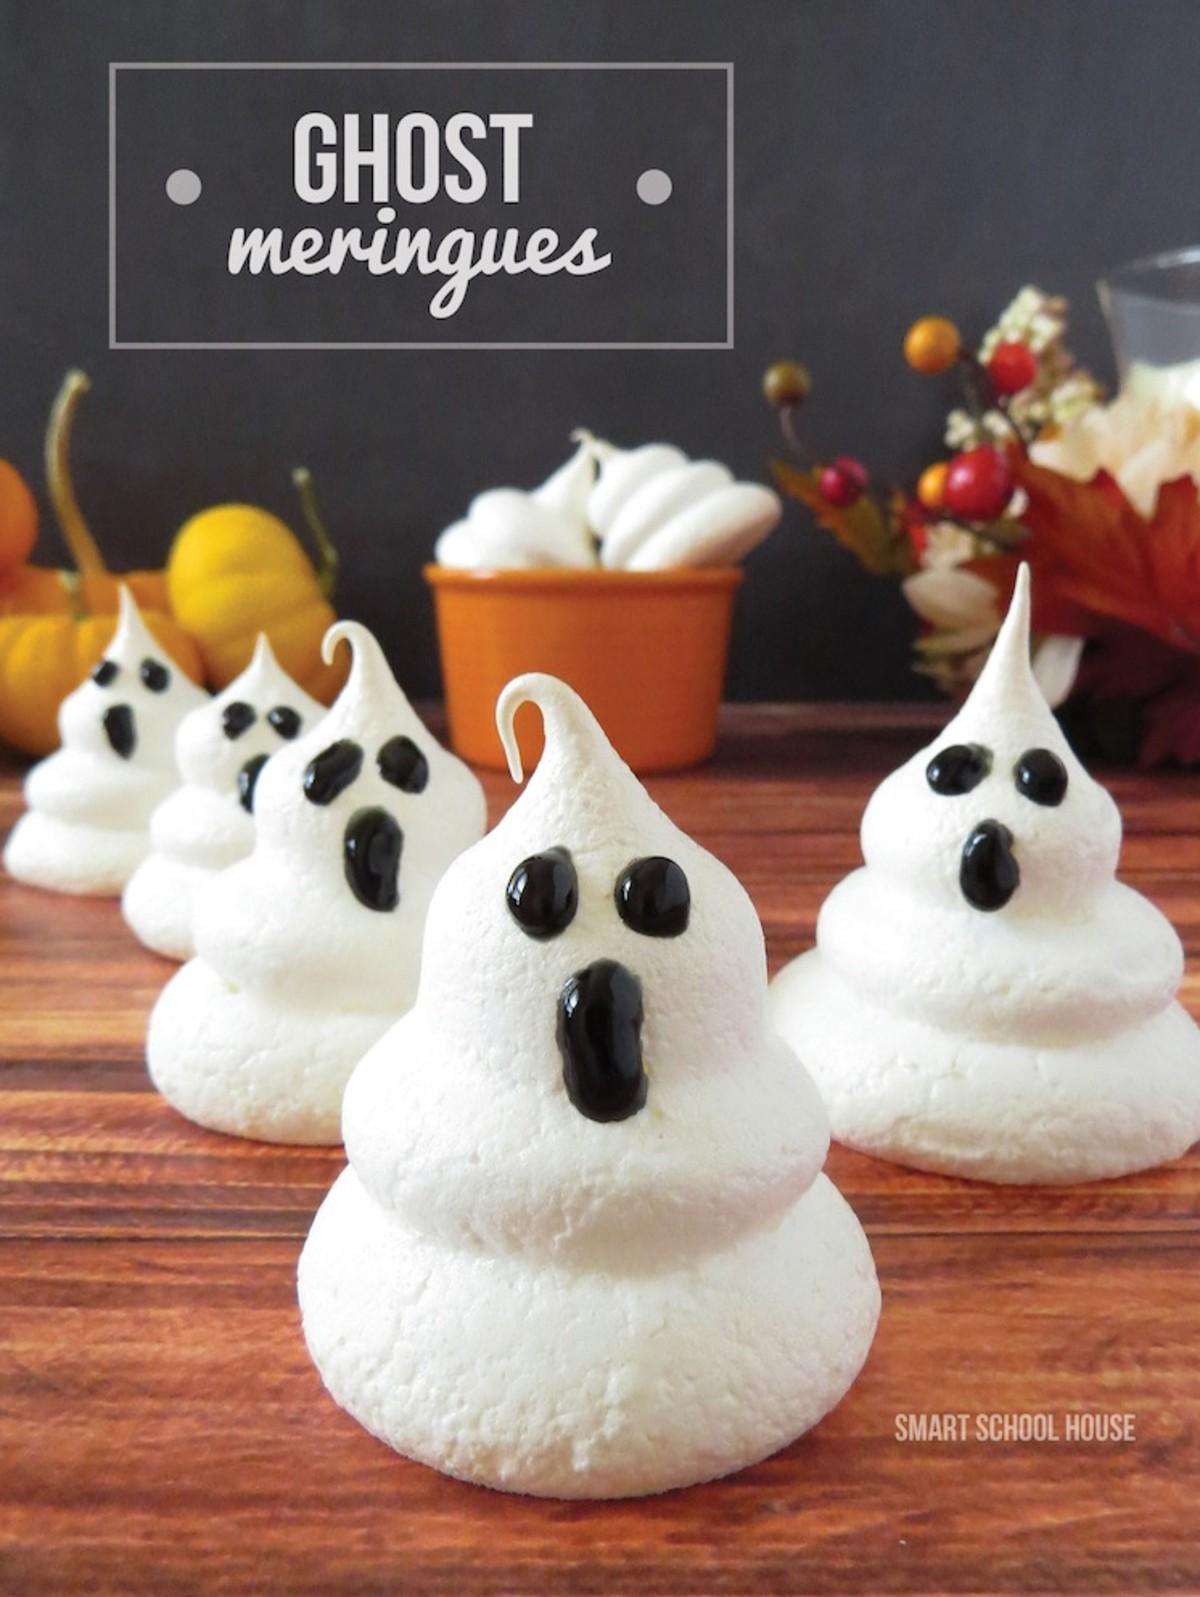 cute ghost meringues cookies